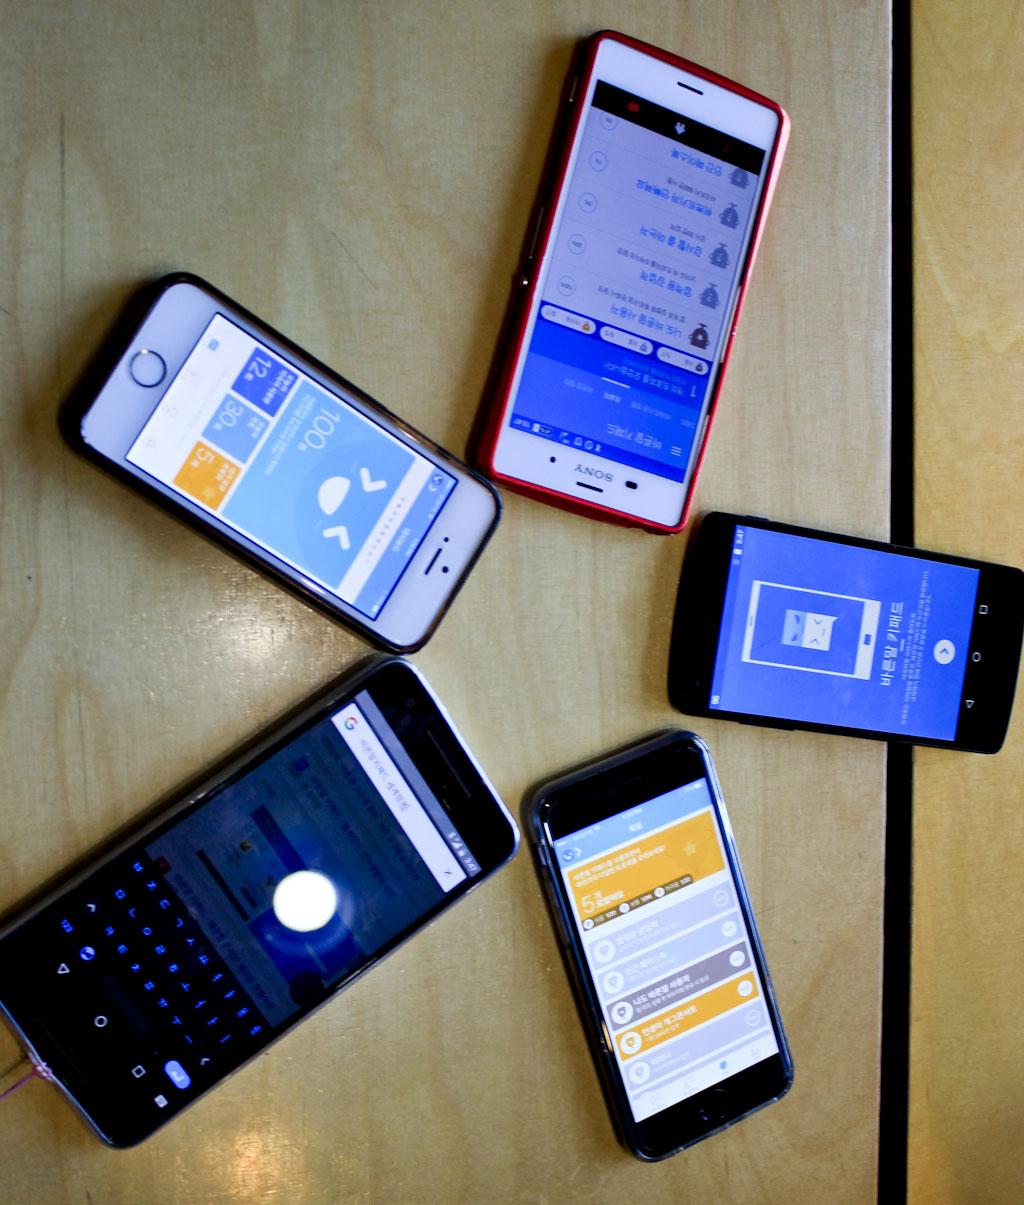 인터뷰에 참여한 학생들이 각자의 휴대폰에 바른 말 키패드 앱을 열어놓았다.